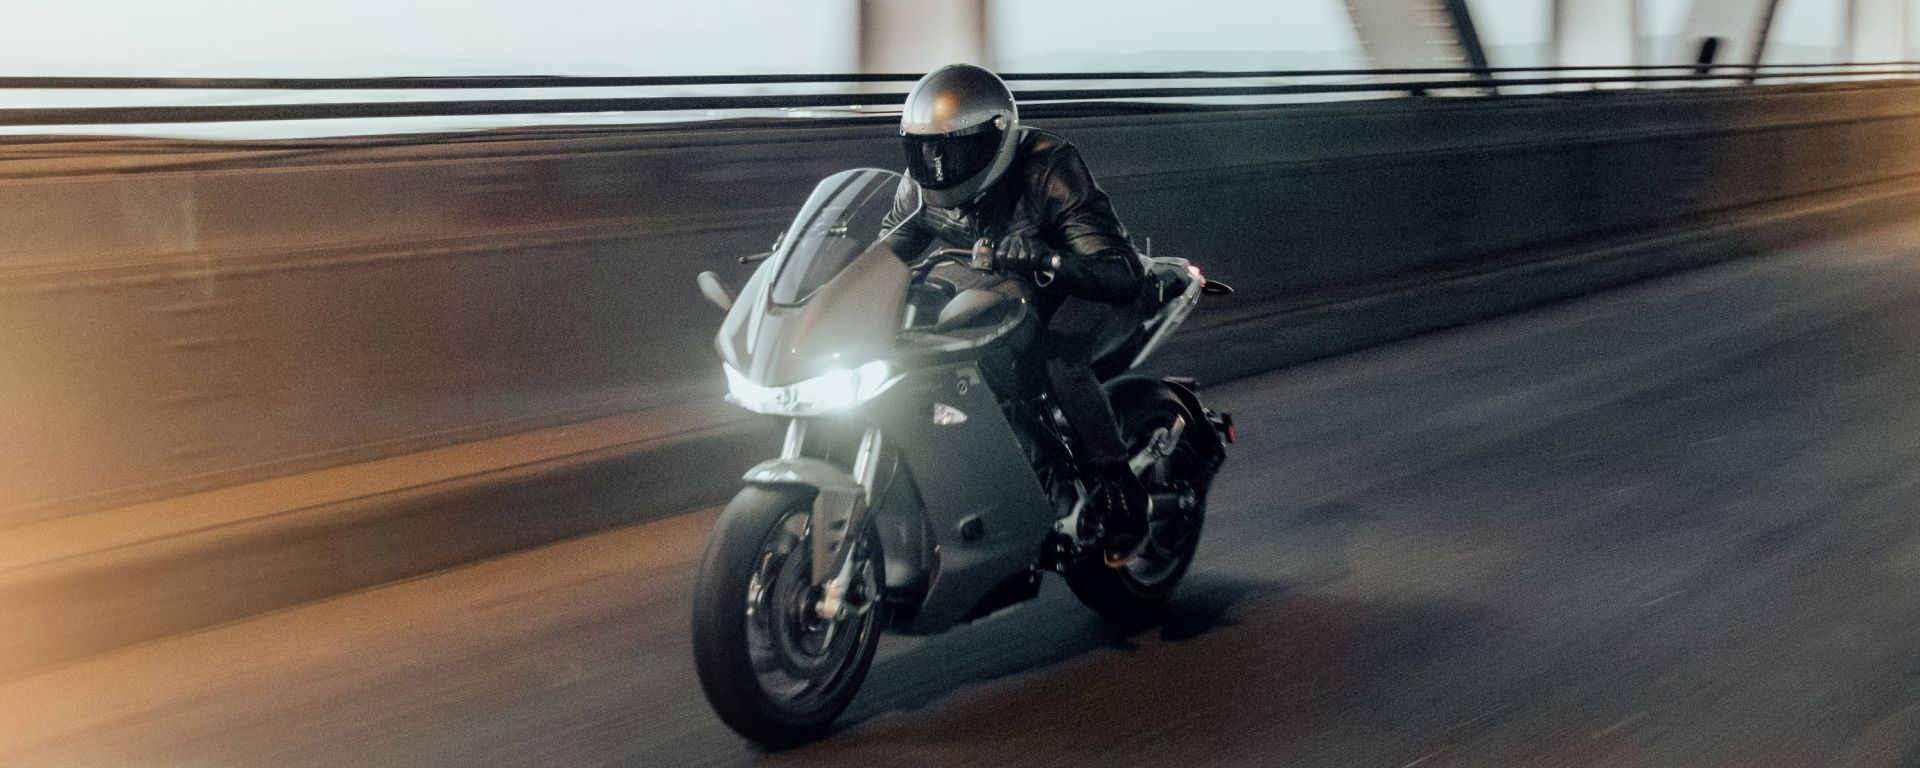 Nuova Zero Motorcycles SR/S